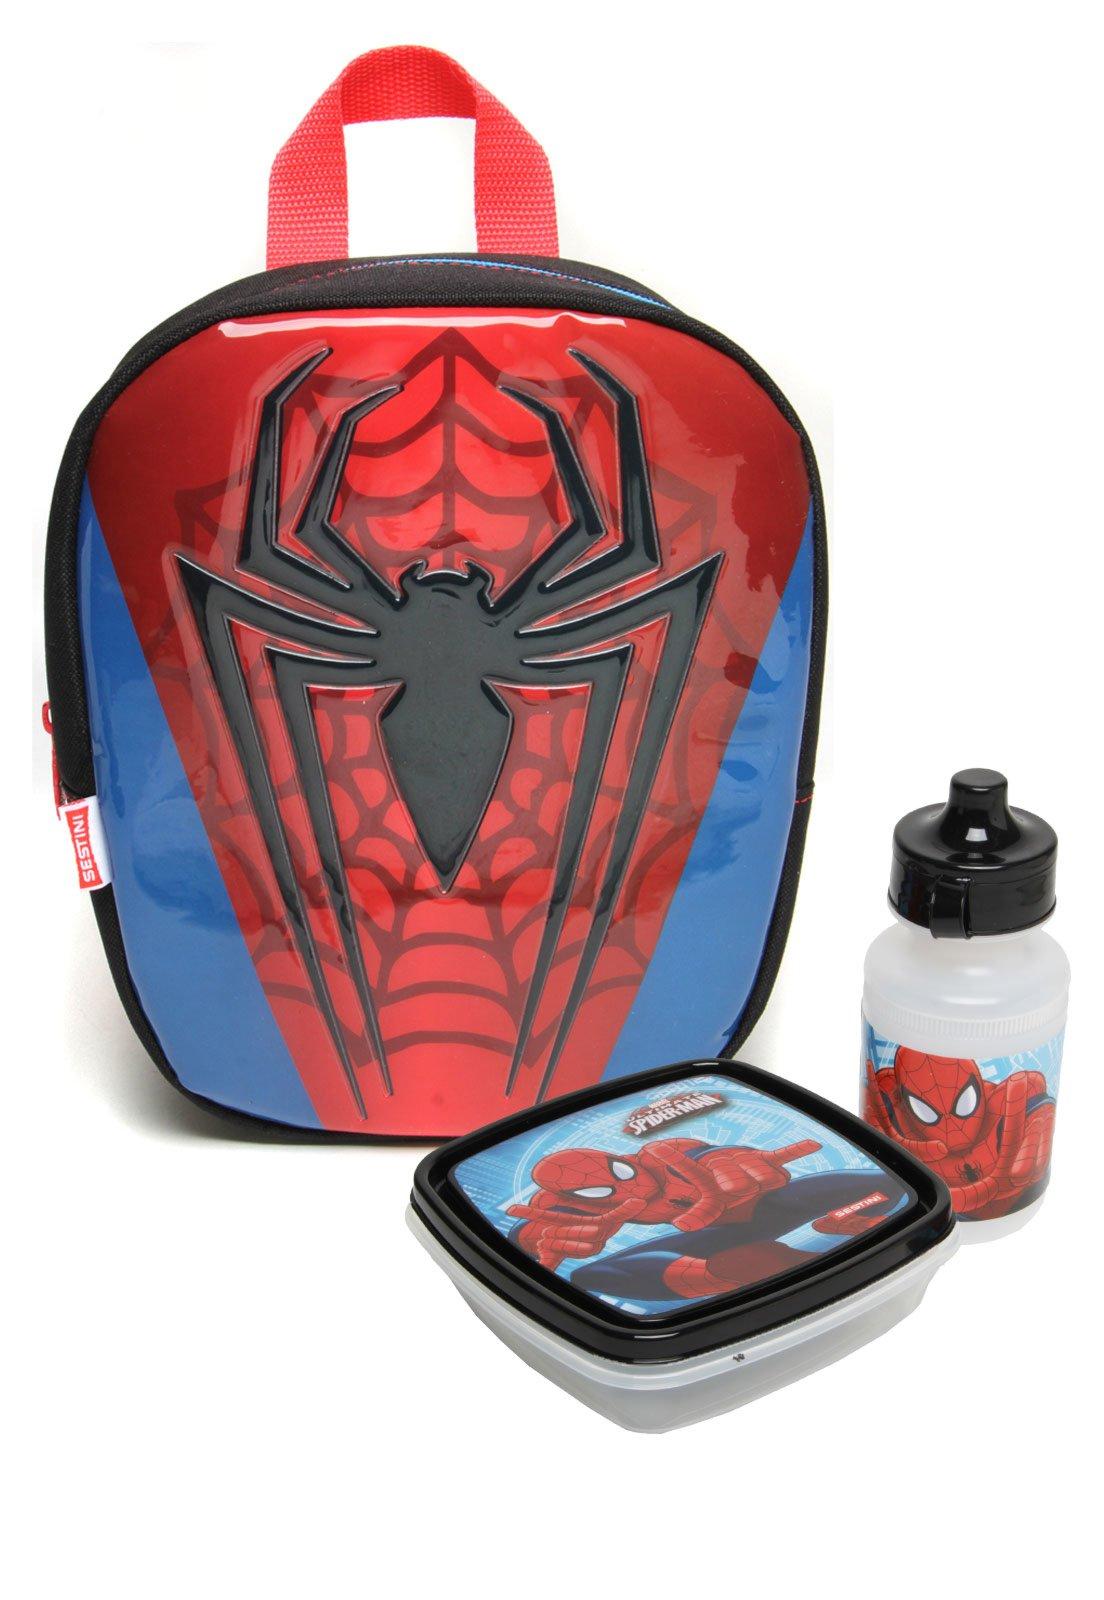 cb6f8f3d9 Lancheira Sestini Infantil 17Z Especial Spider-Man Preta/Azul/Vermelha -  Compre Agora | Tricae Brasil